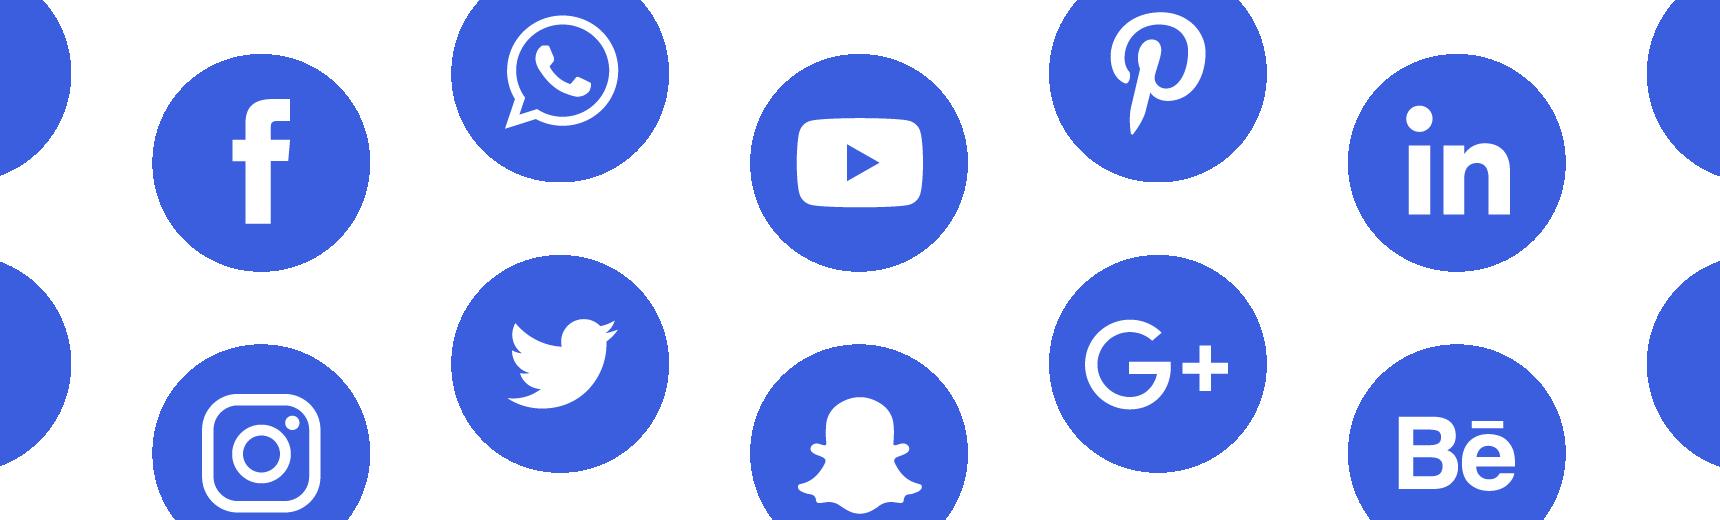 Socialmedia spielt bei SEO Tipps häufig eine Rolle. So ist die Integration einer Teilen Option auf Ihrer Website sehr zu empfehlen.